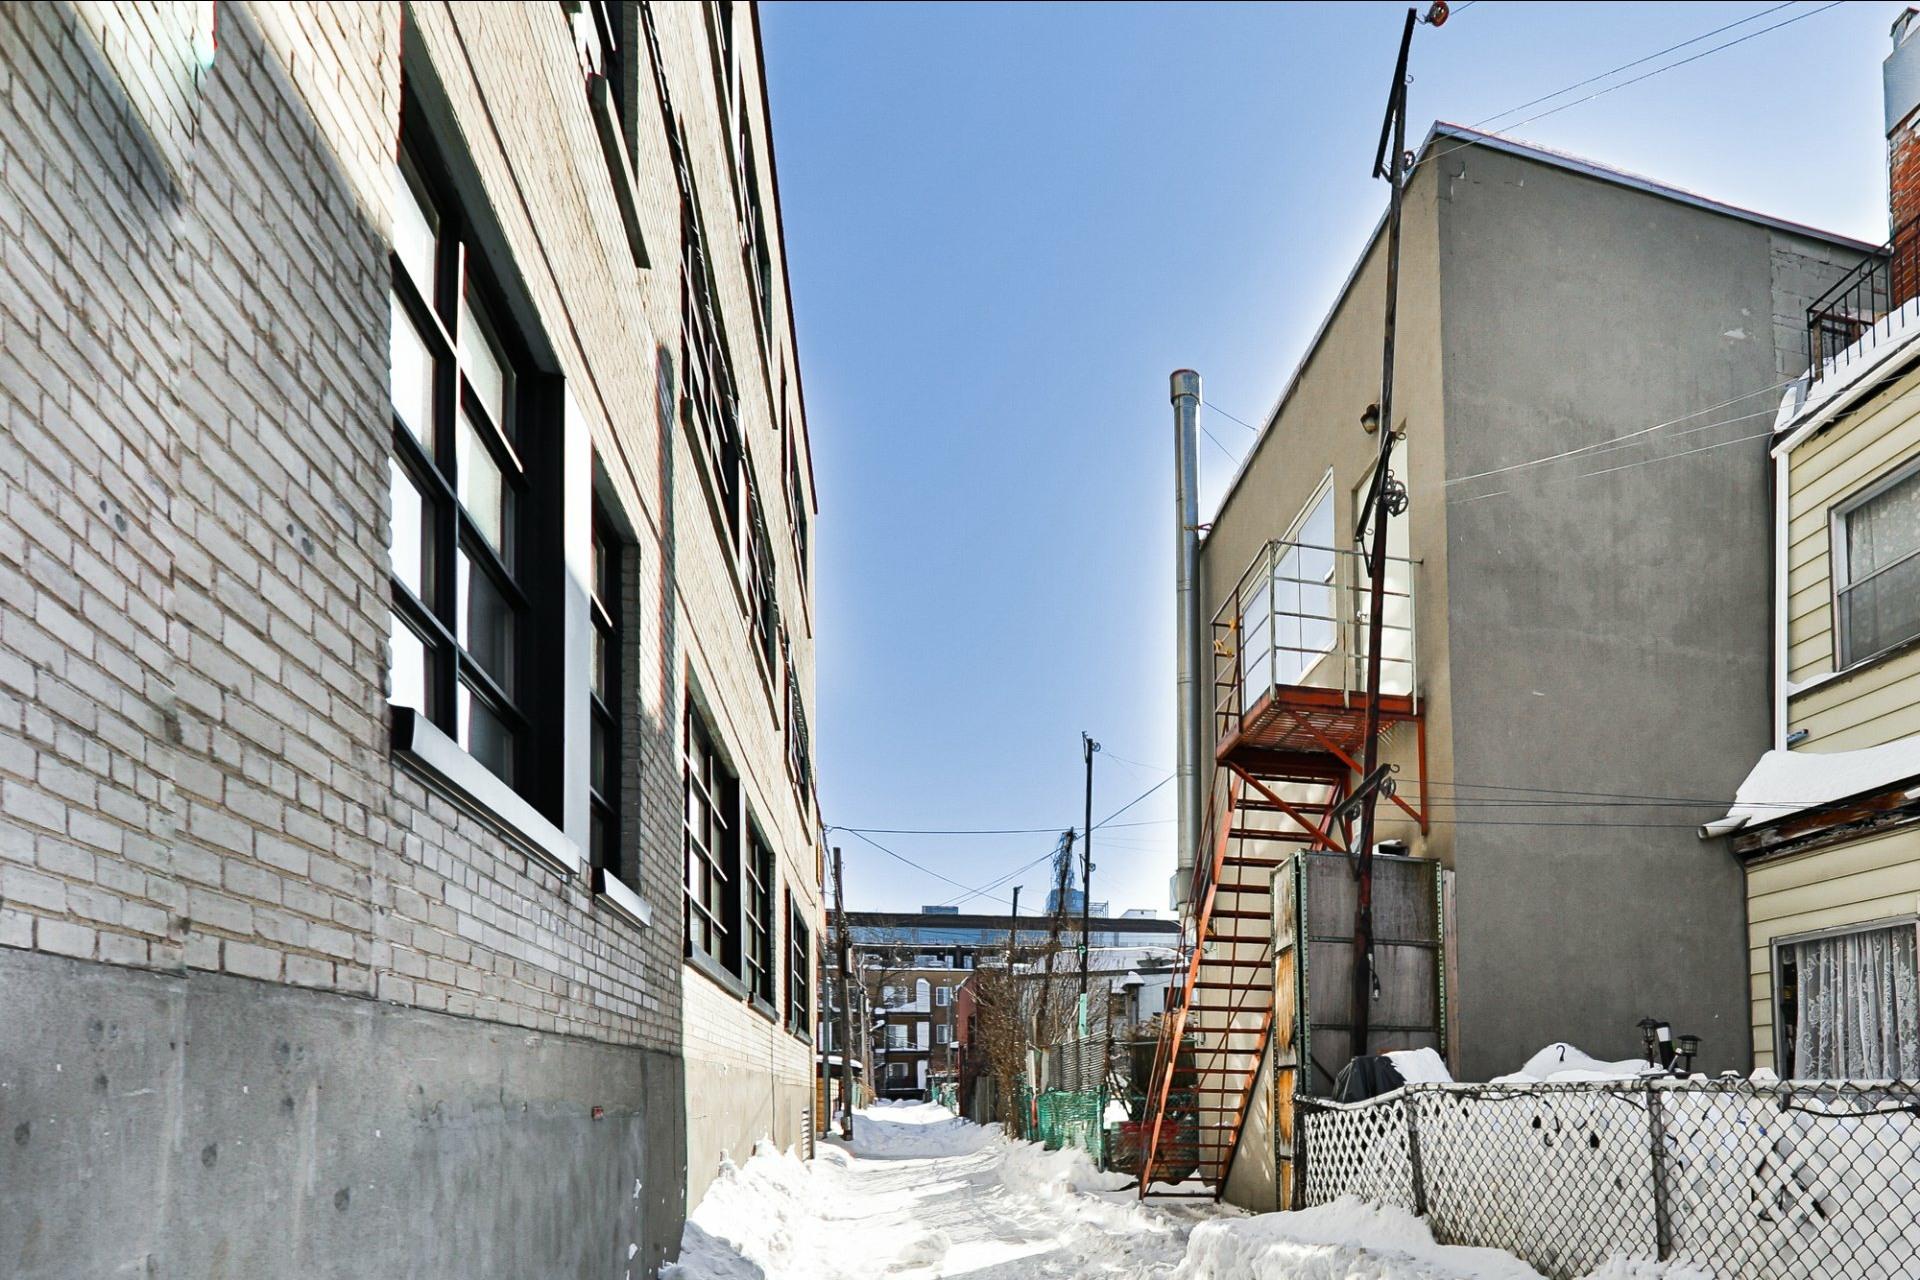 image 14 - Duplex À vendre Rosemont/La Petite-Patrie Montréal